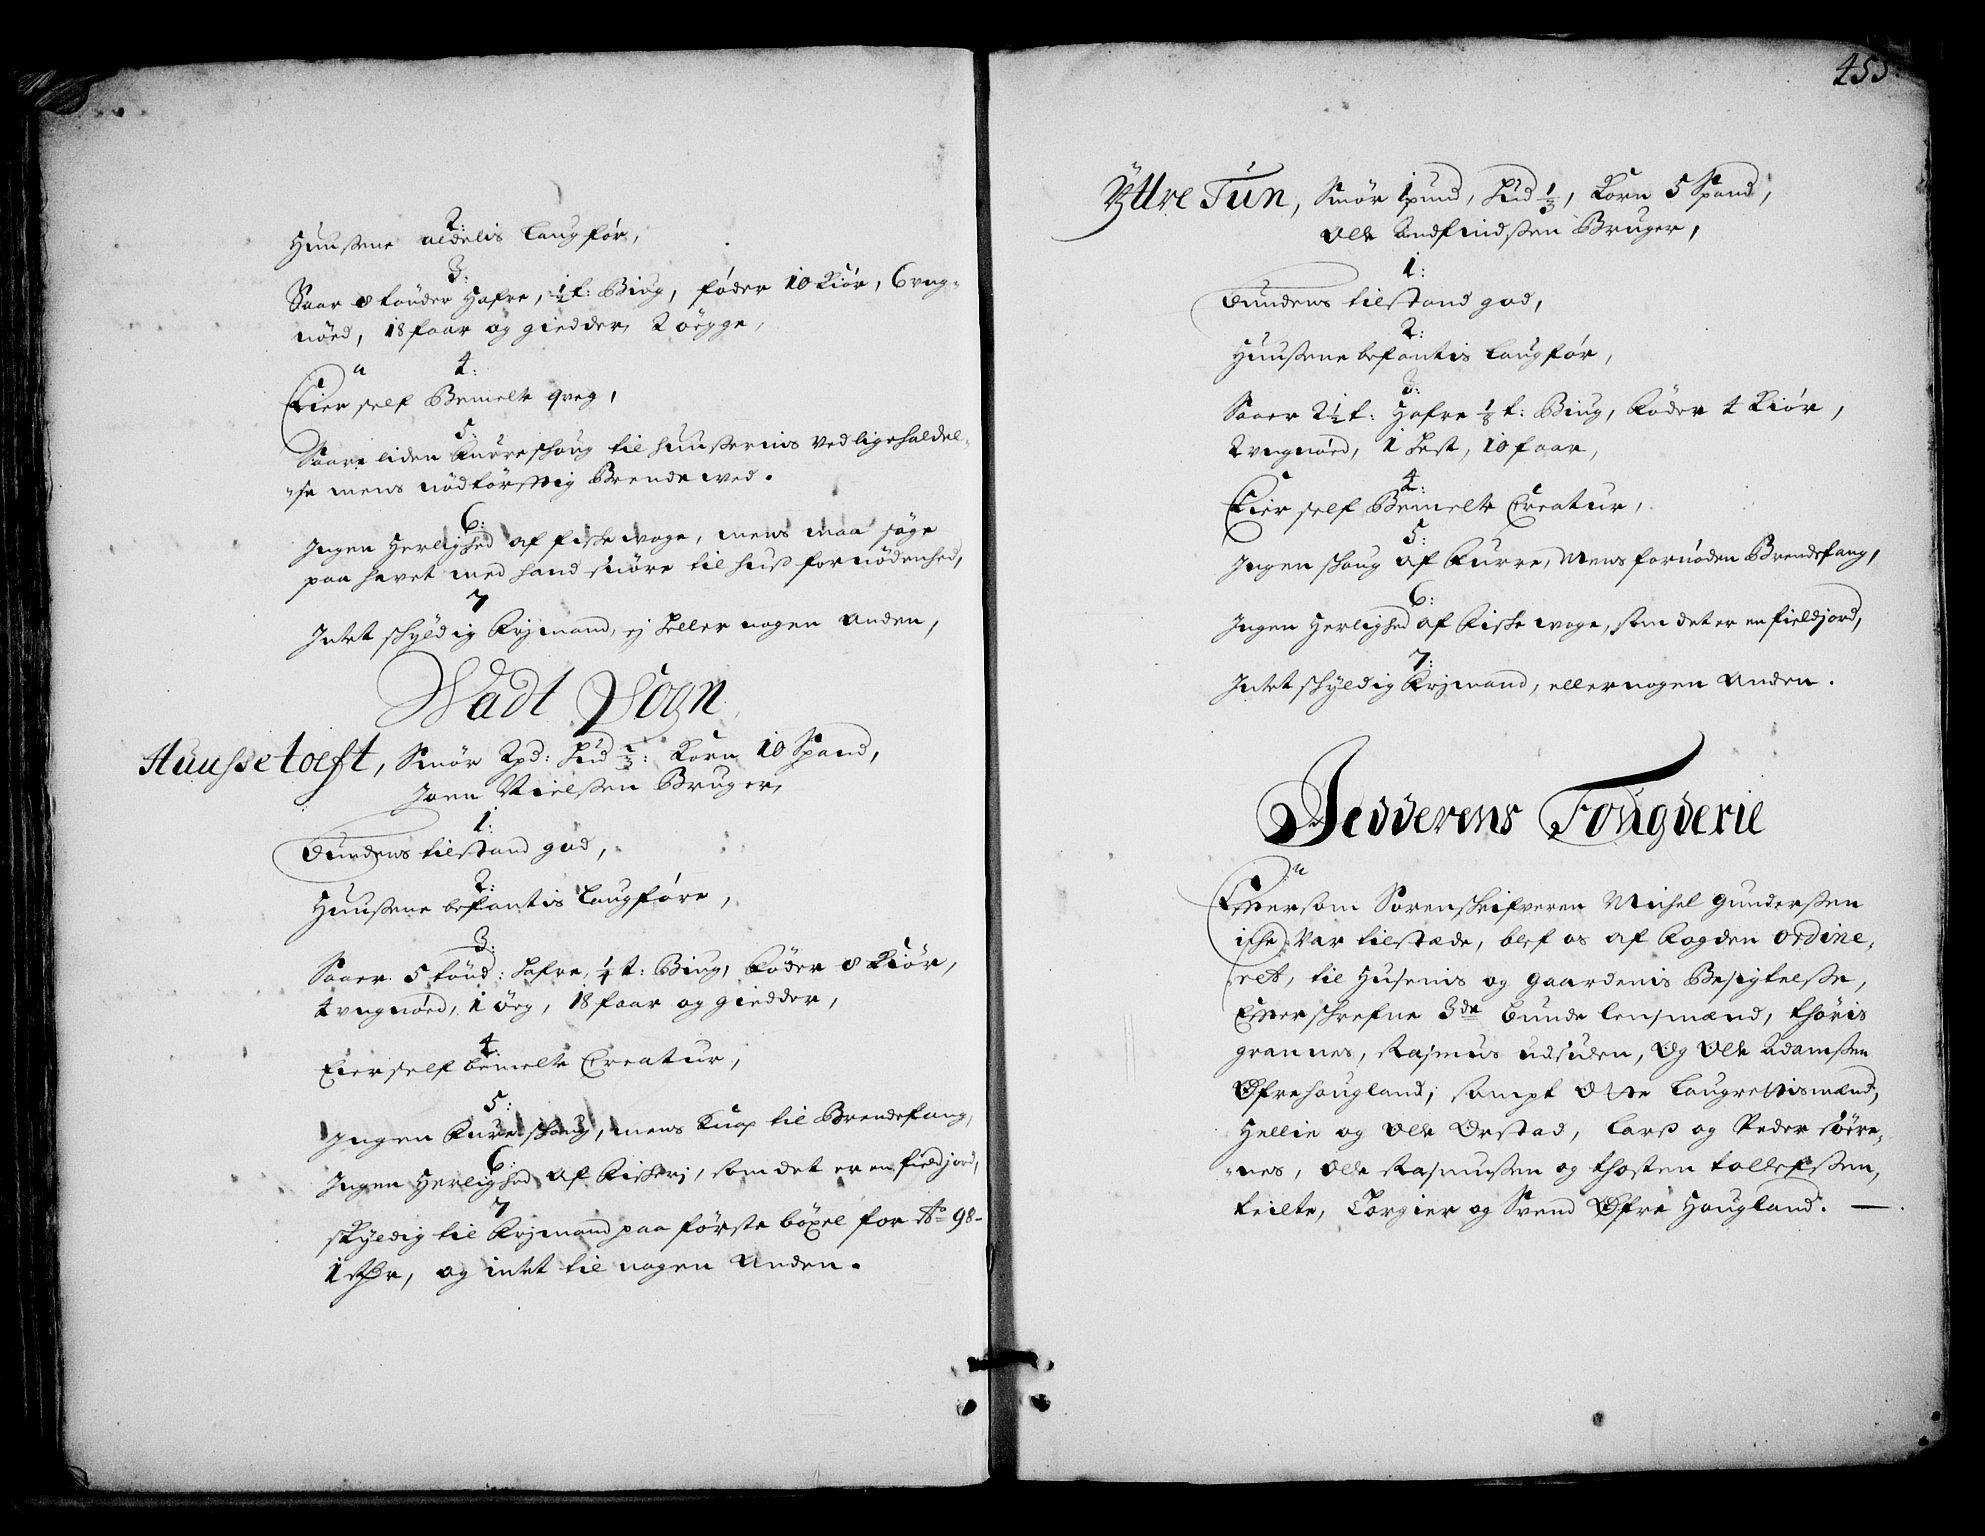 RA, Rentekammeret inntil 1814, Realistisk ordnet avdeling, On/L0002: [Jj 3]: Besiktigelsesforretninger over Halsnøy klosters gods, 1659-1703, s. 454b-455a